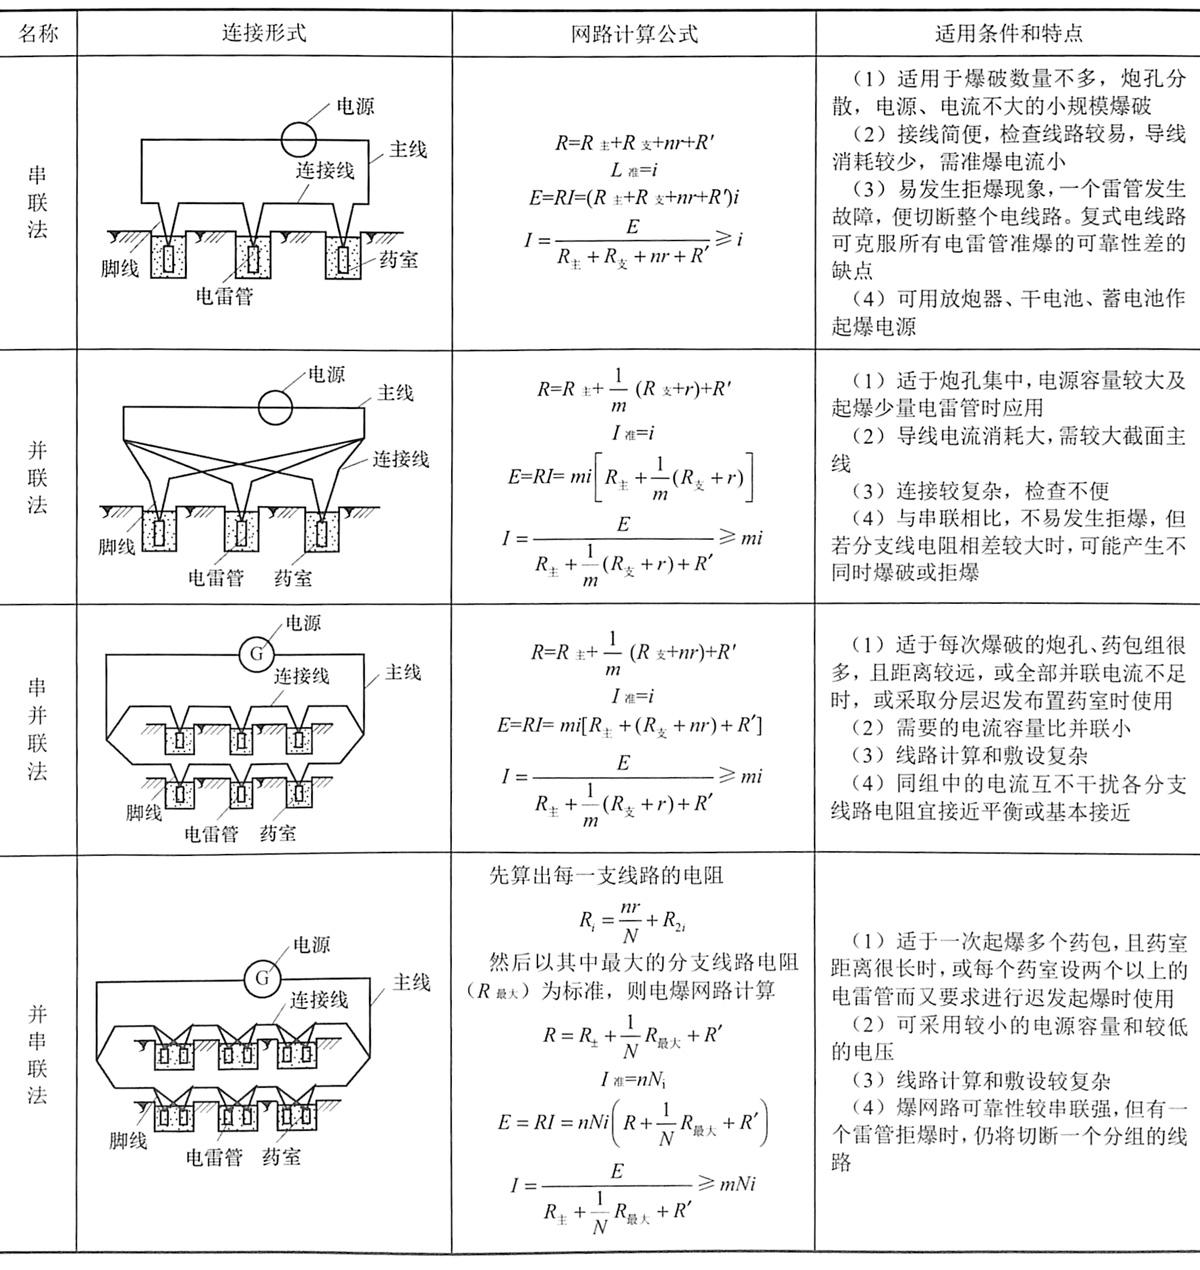 表5-6电爆网路的连接形式、计算公式及适用条件